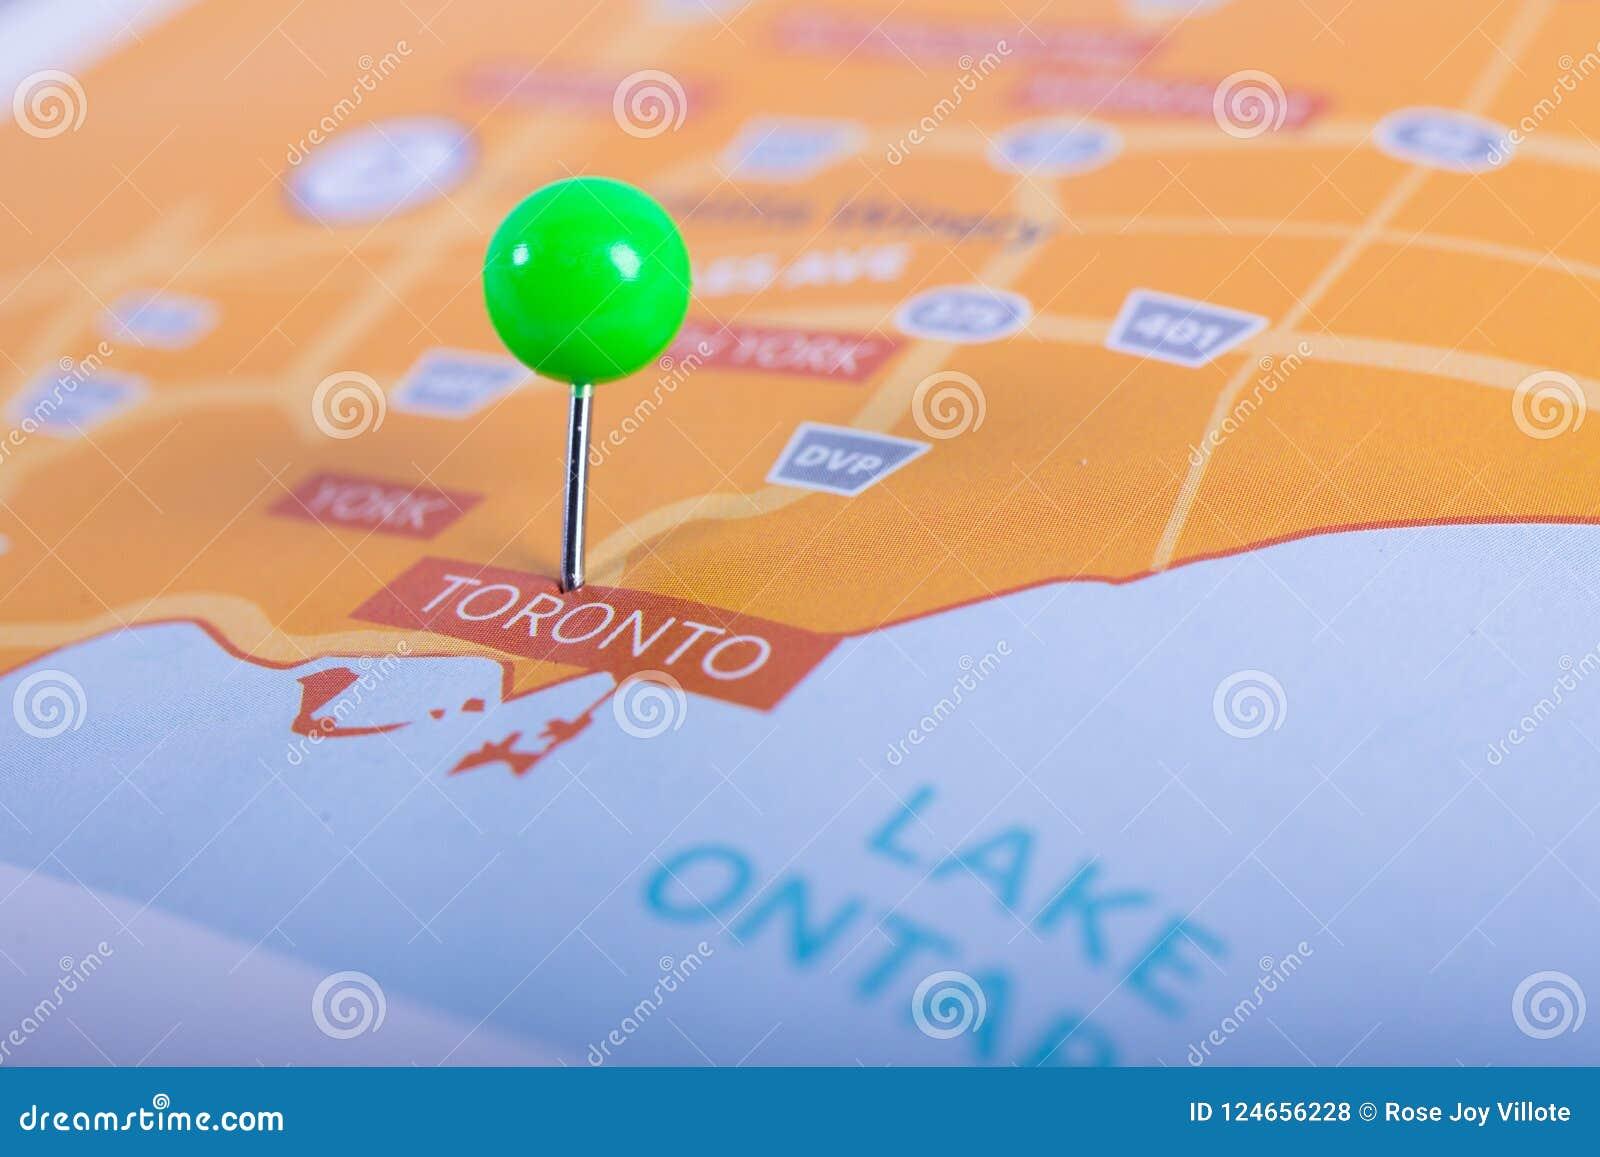 Toronto Karte Mit Stift Stockfoto Bild Von Stadt Konzept 124656228